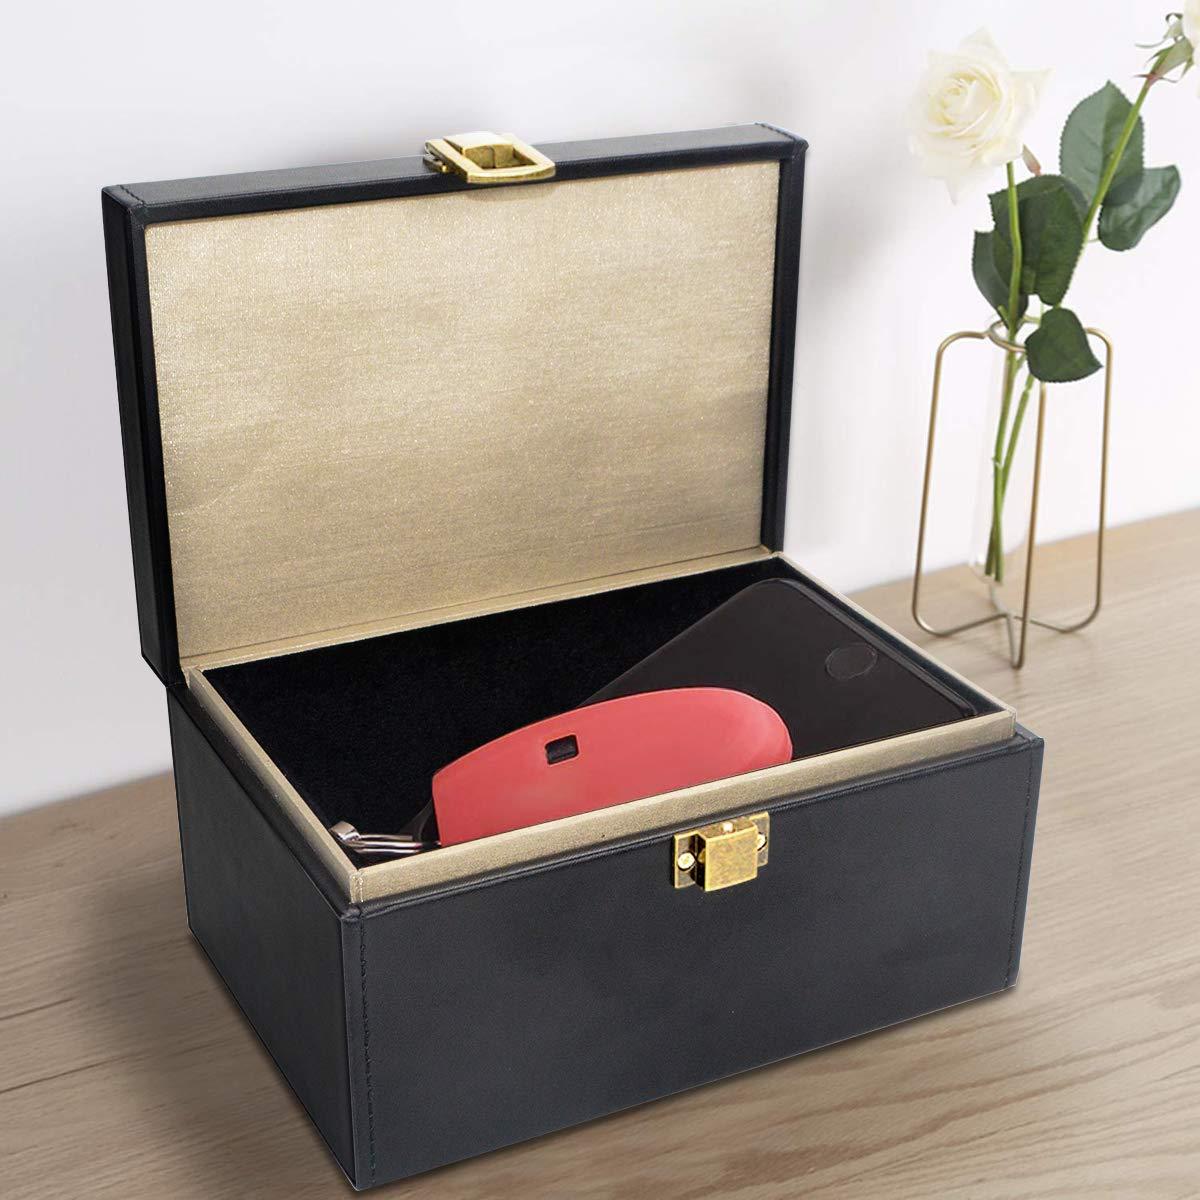 telefoni e carte Qcore grande scatola blocca il segnale borsa senza chiave RFID per chiavi scatola Faraday per chiavi dell/'auto antifurto in pelle Faraday